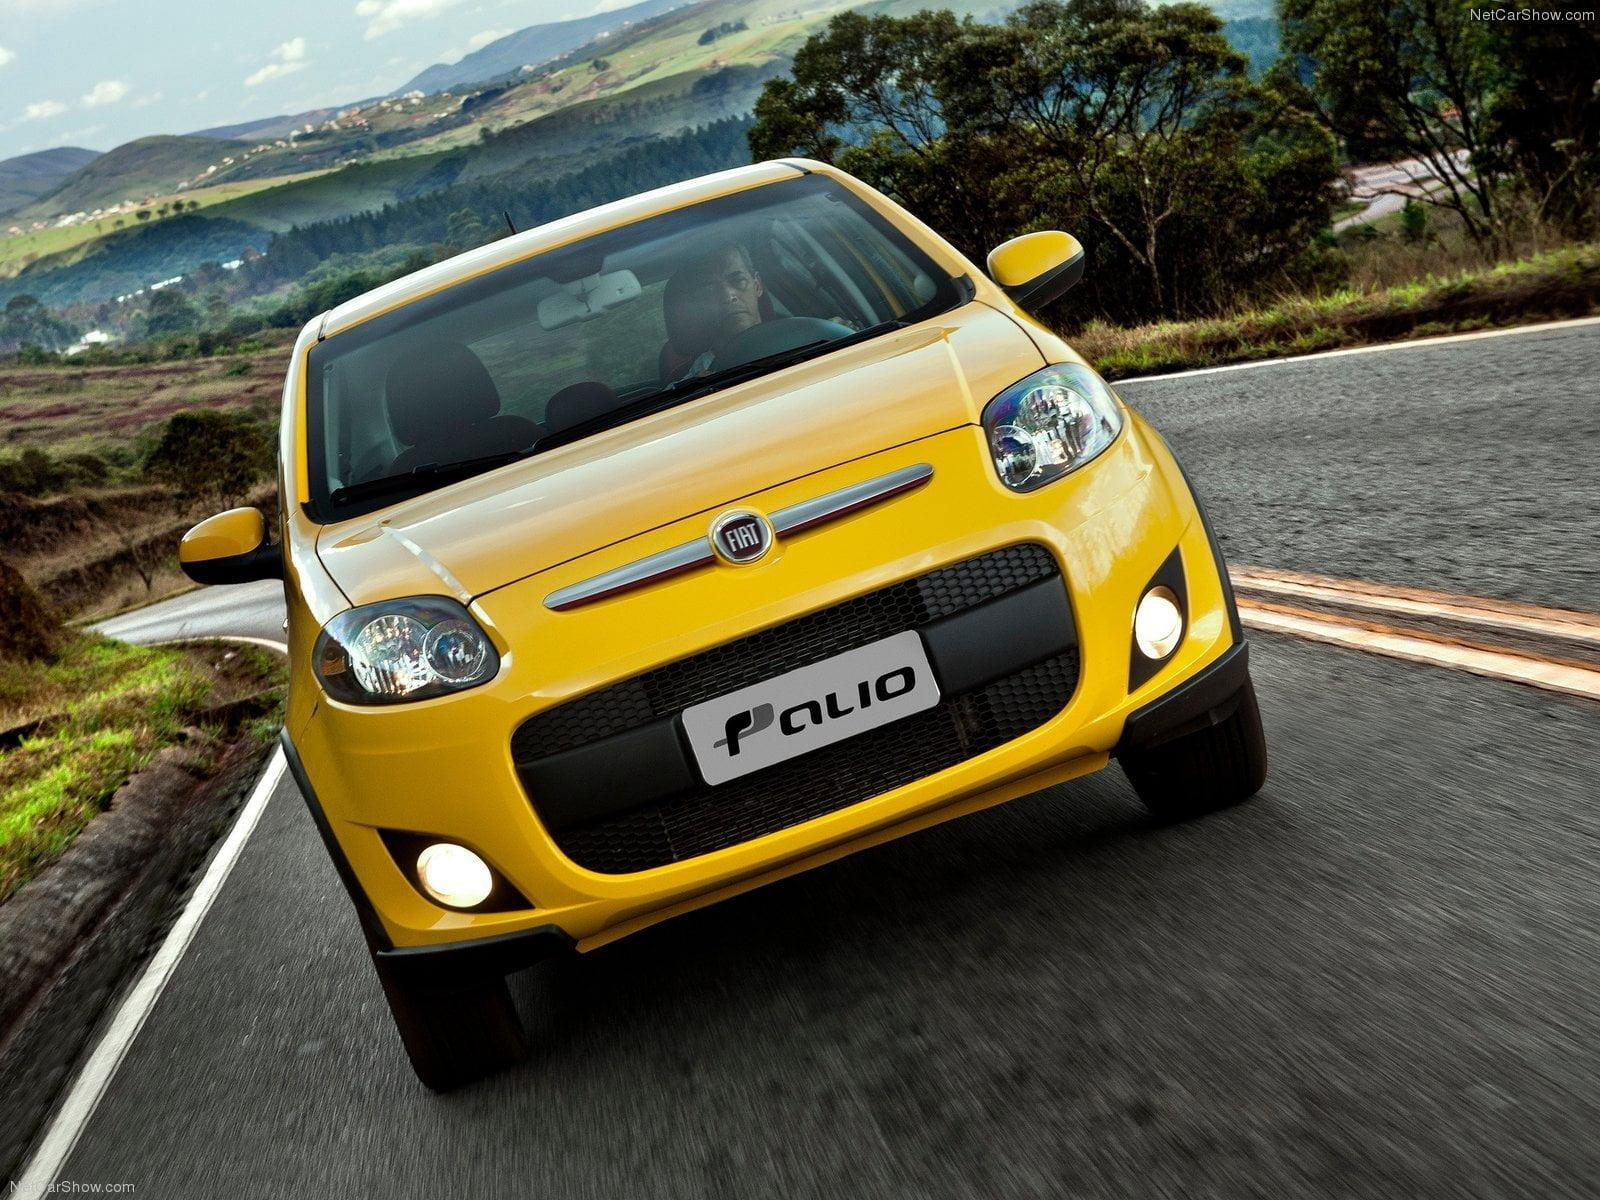 best-selling car model in Brazil